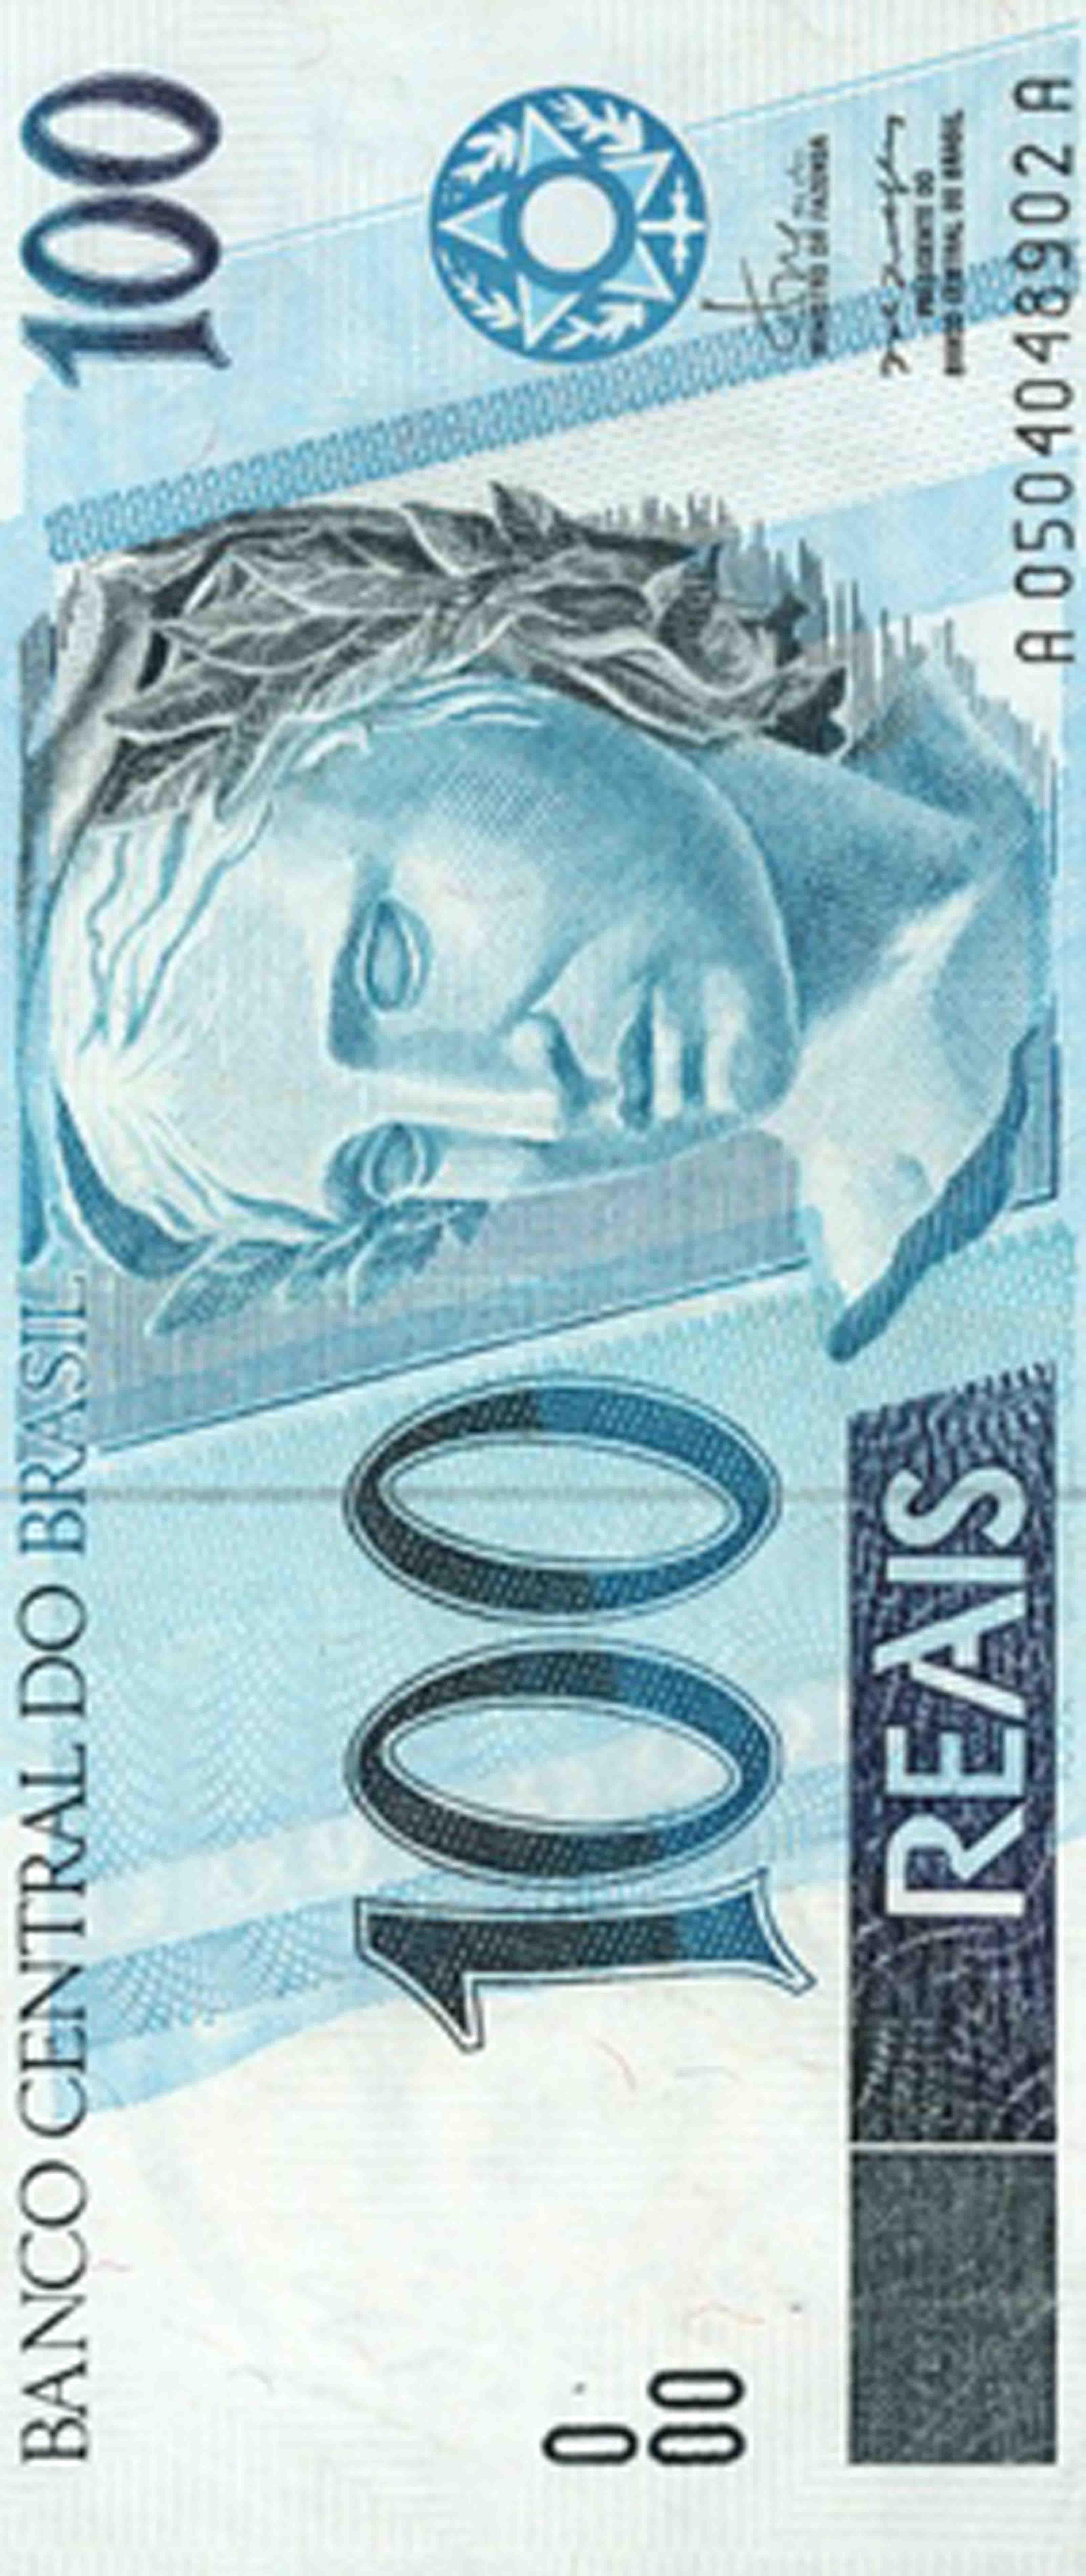 Brazilian Money 100 Reais